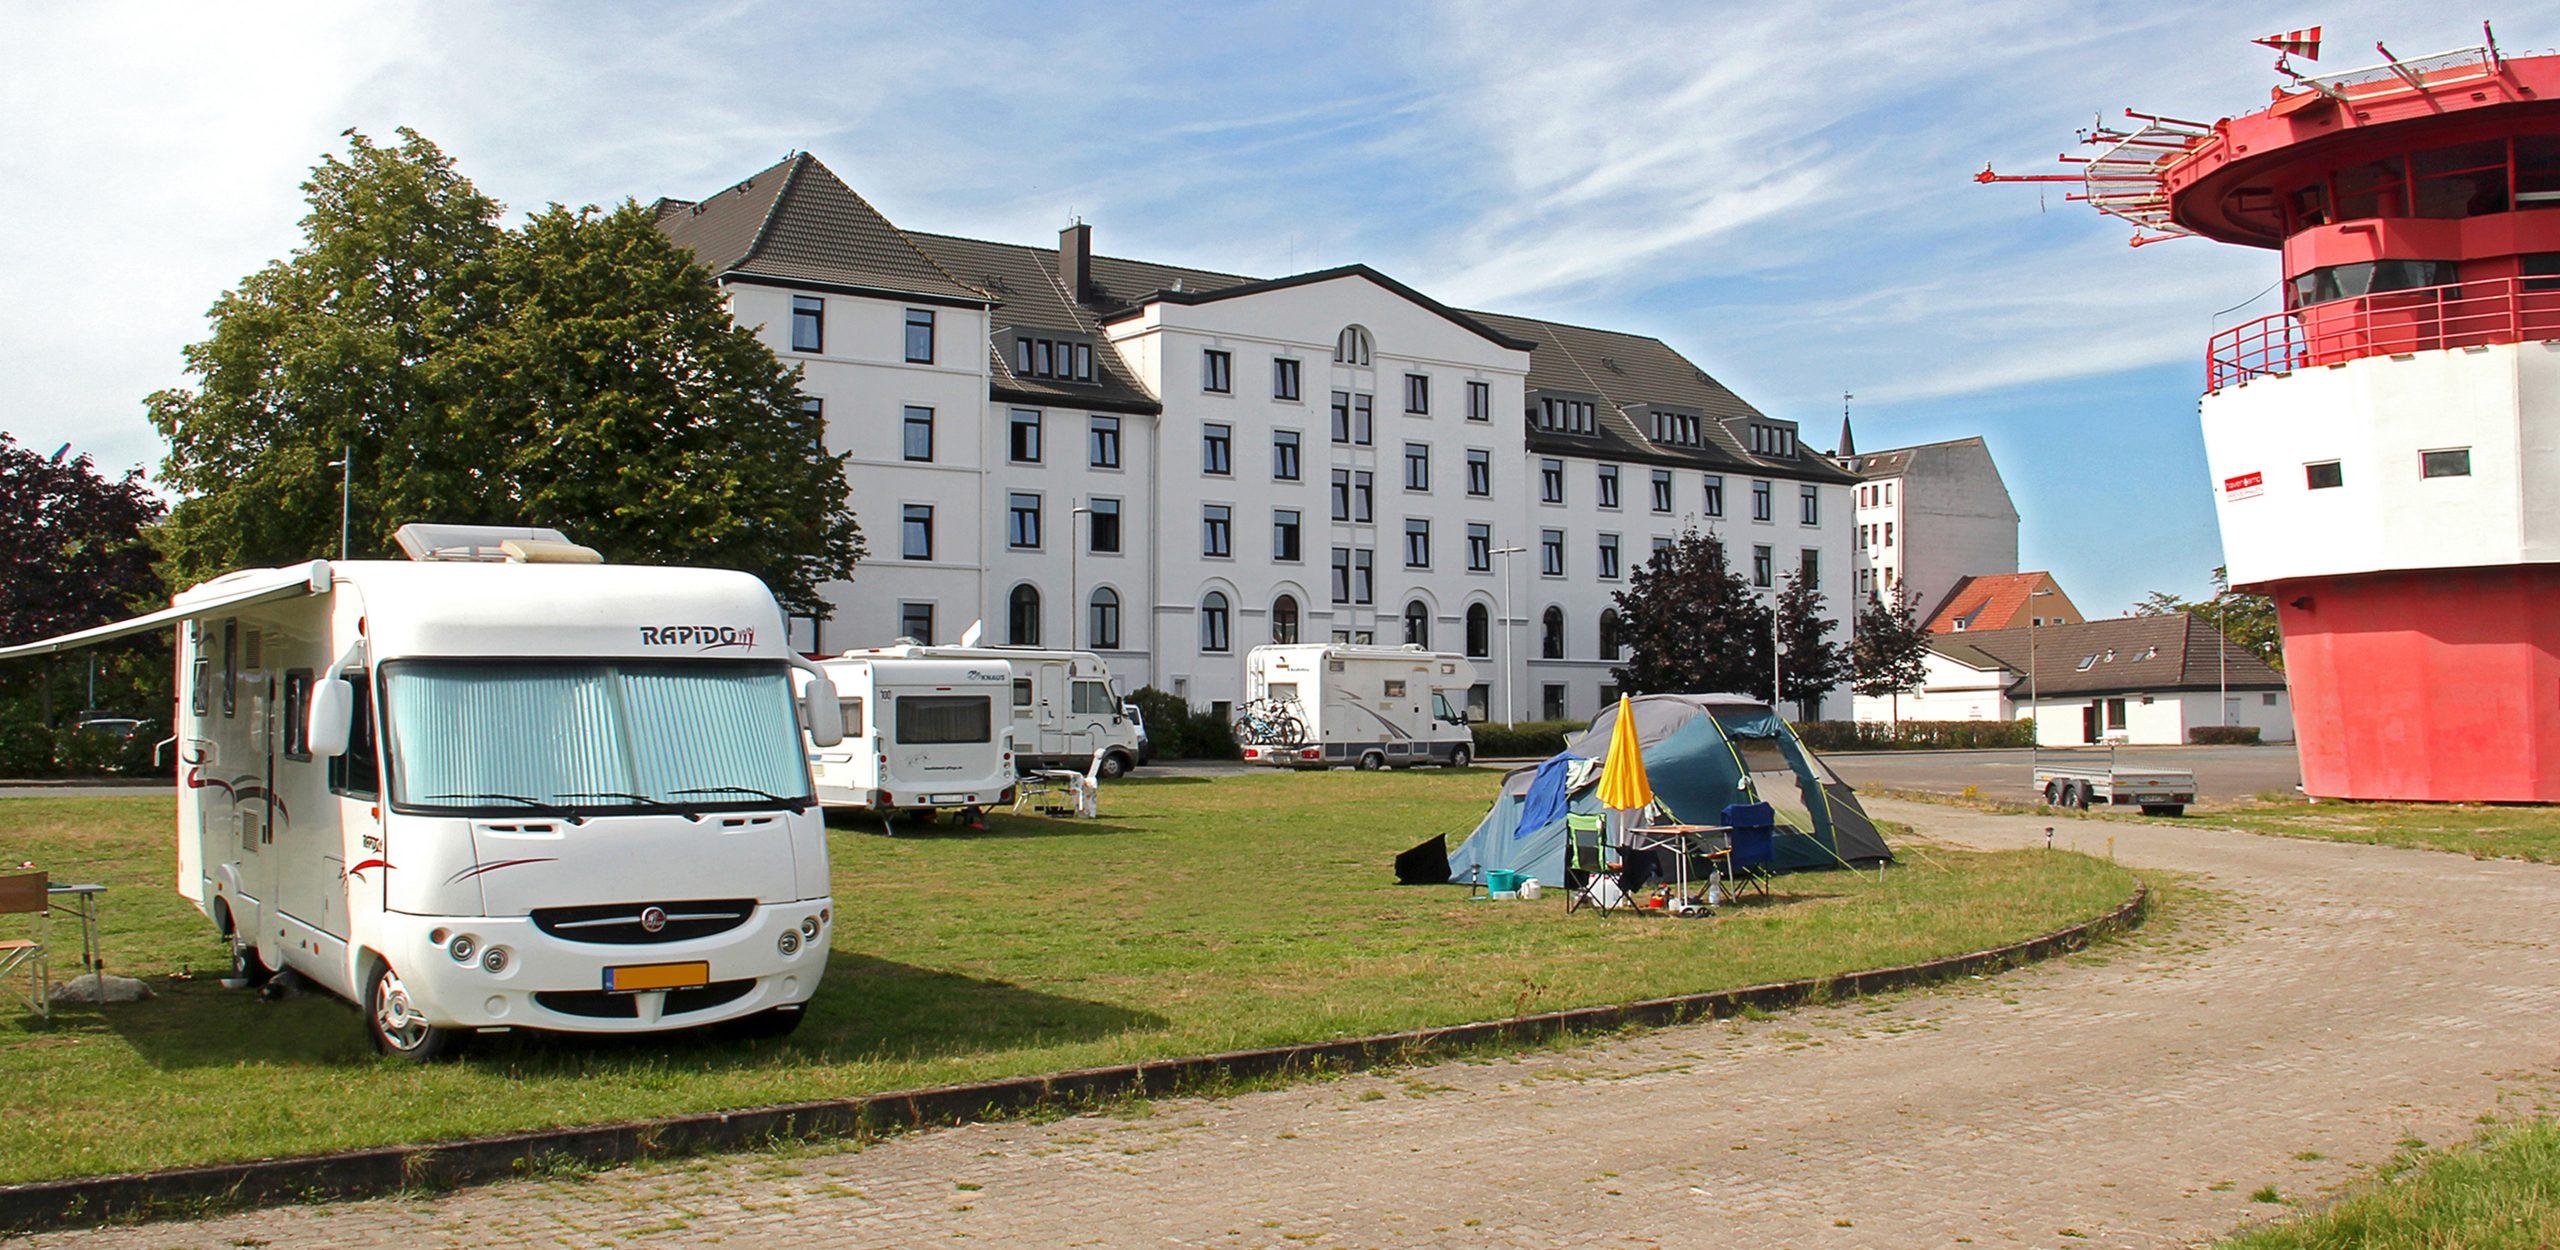 Havencamp Zelte Wohnwagen Wohnmobile Haventurm havenhostel Bremerhaven